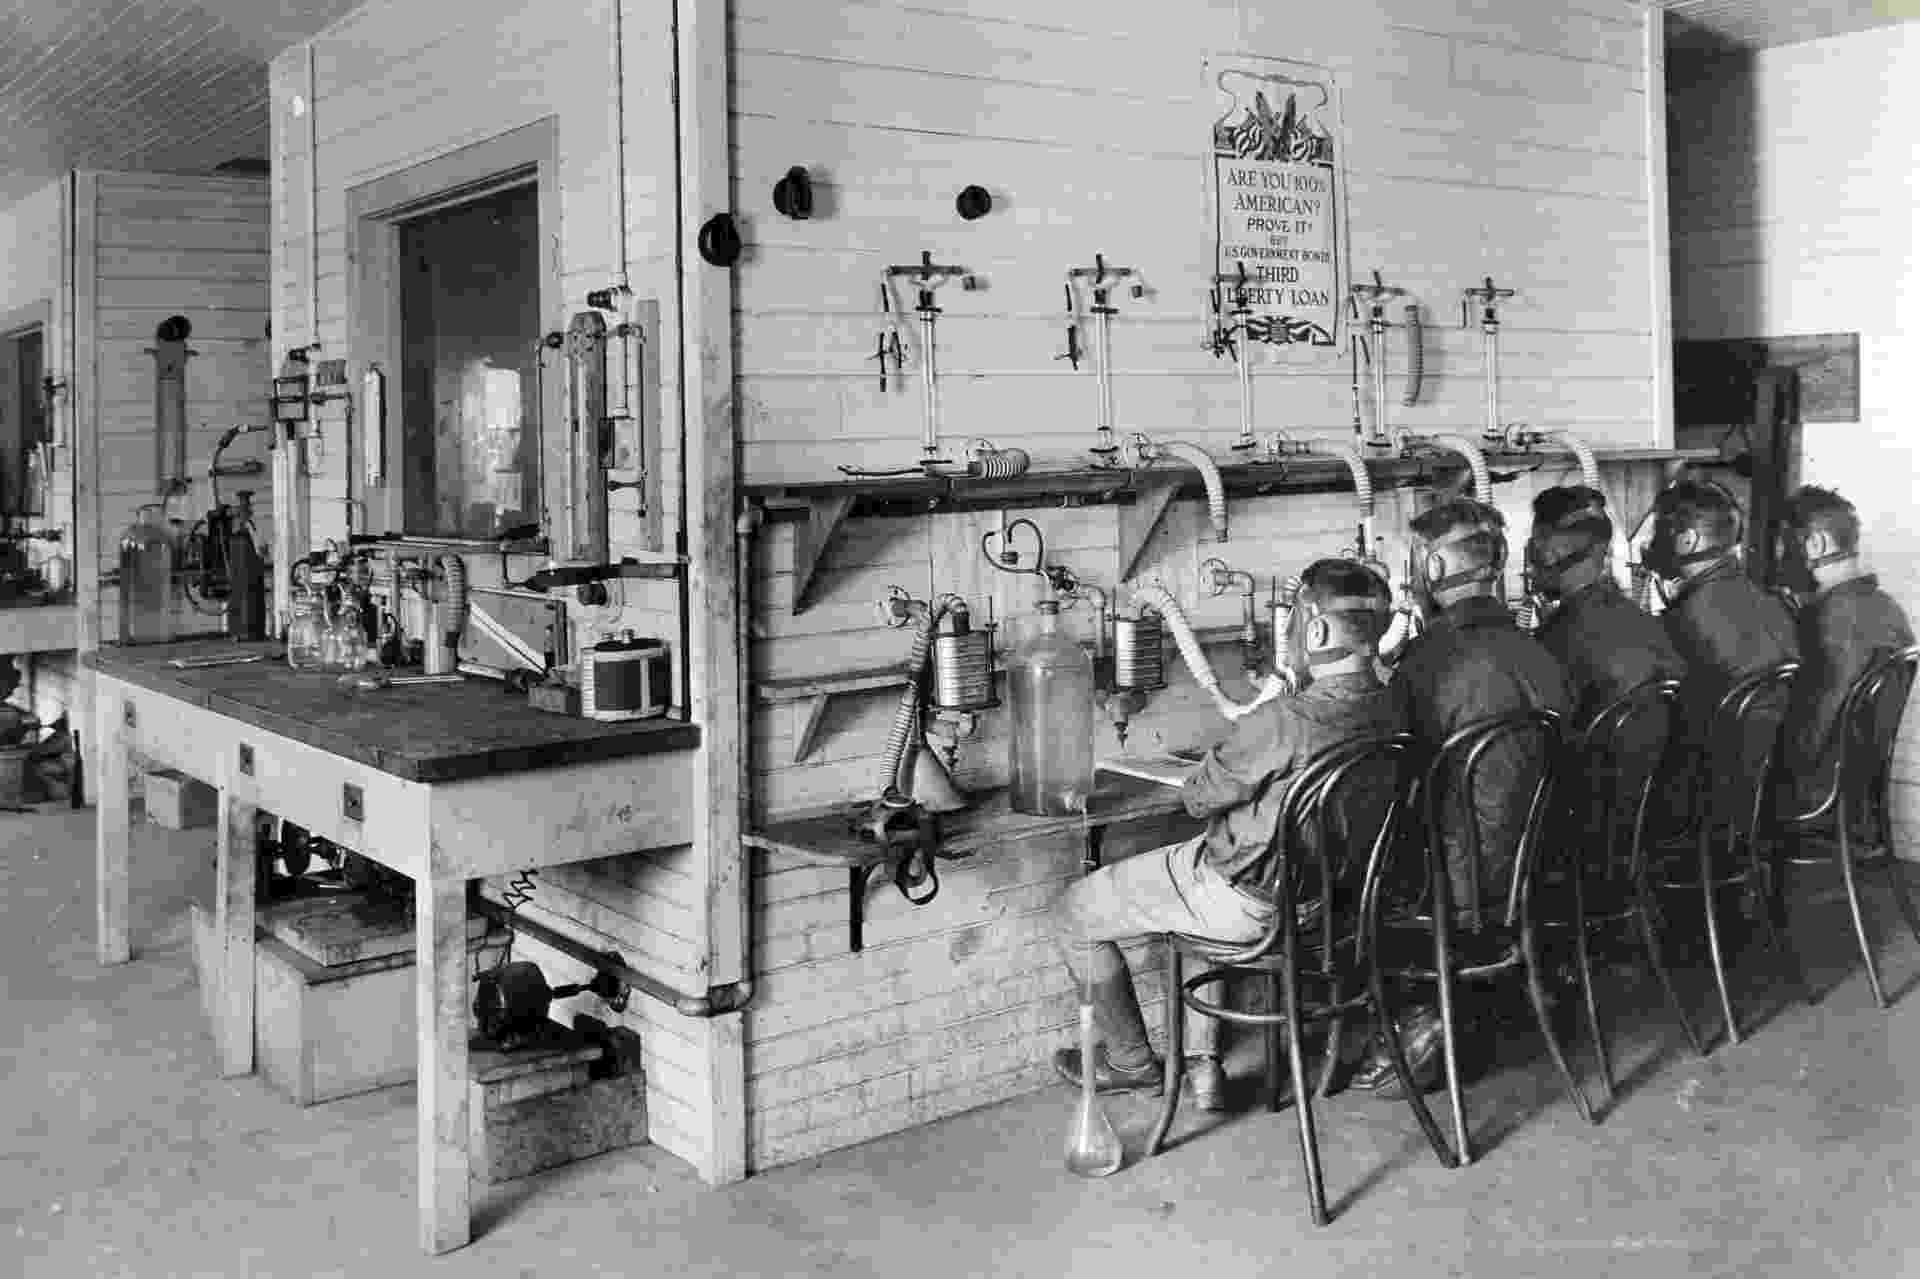 Soldados testam máscaras de gás em laboratório da American University - National Archives and Records Administration